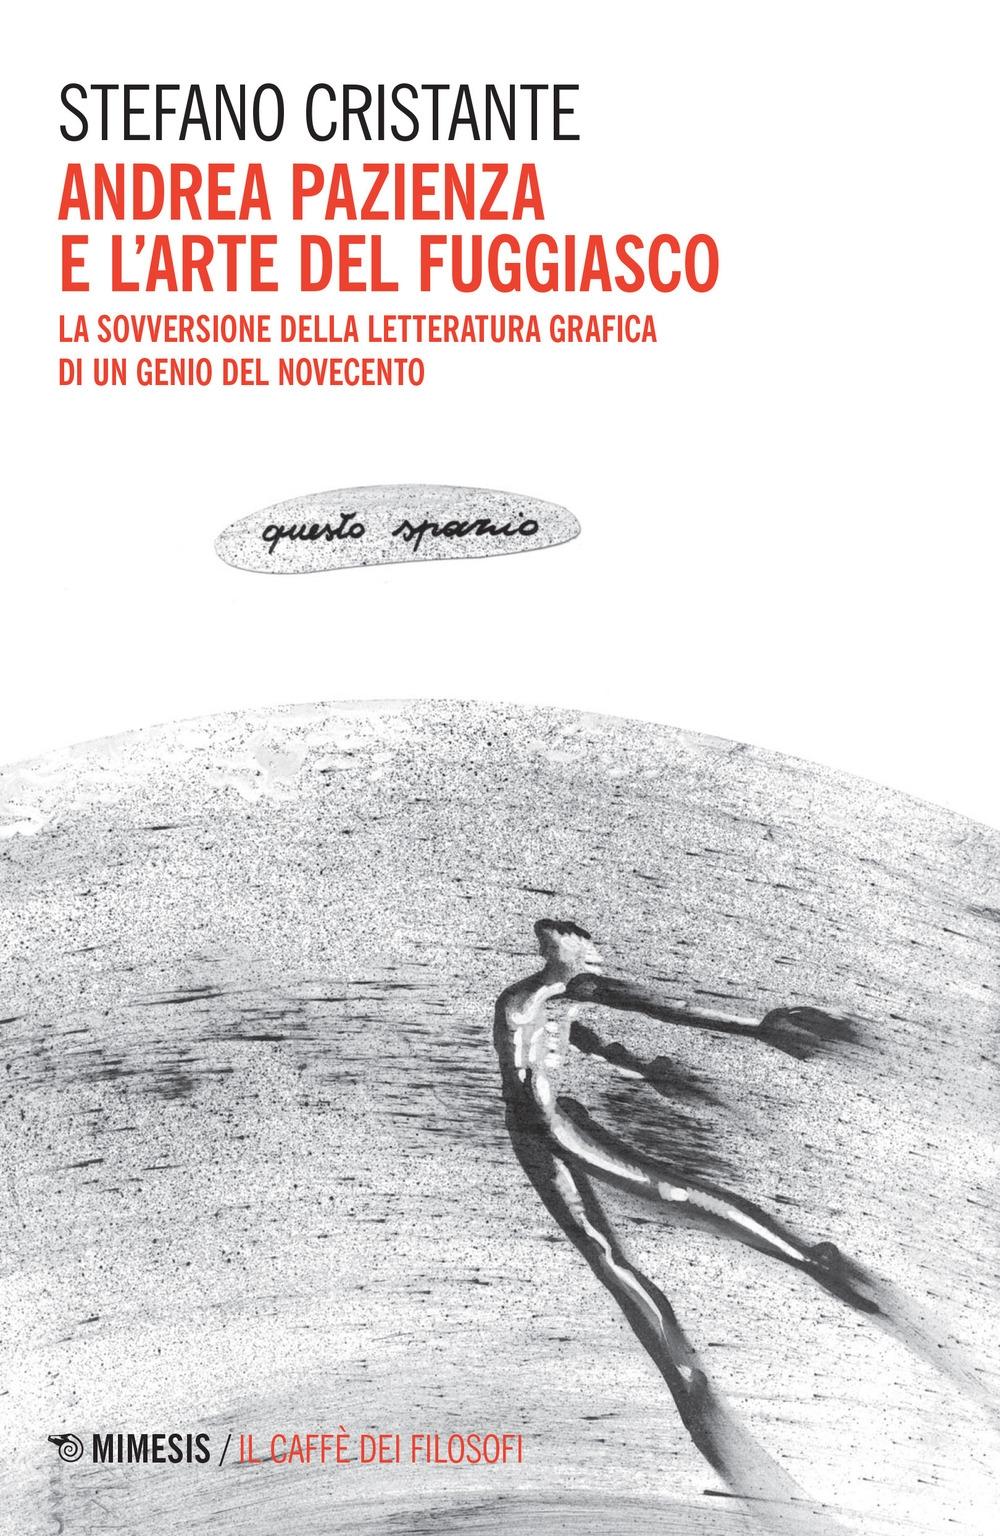 Andrea Pazienza e l'arte del fuggiasco. La sovversione della letteratura grafica di un genio del novecnto